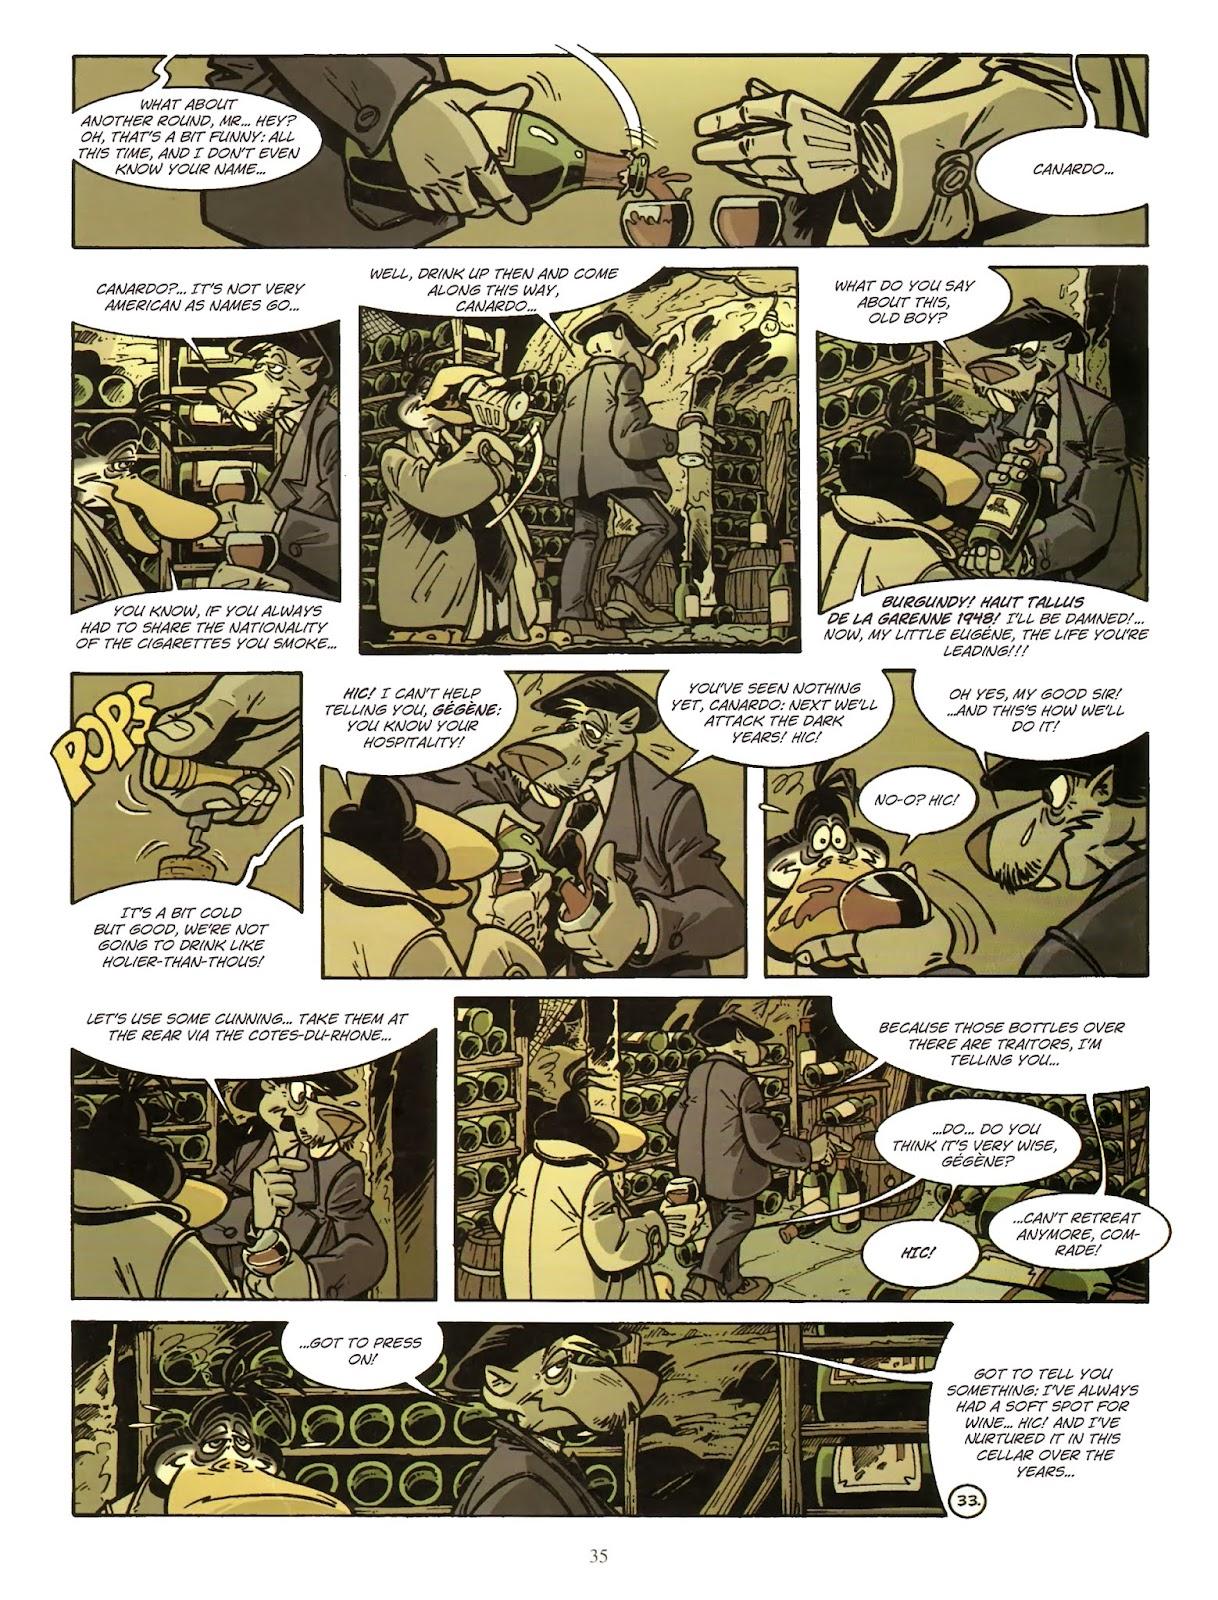 Une enquête de l'inspecteur Canardo issue 11 - Page 36